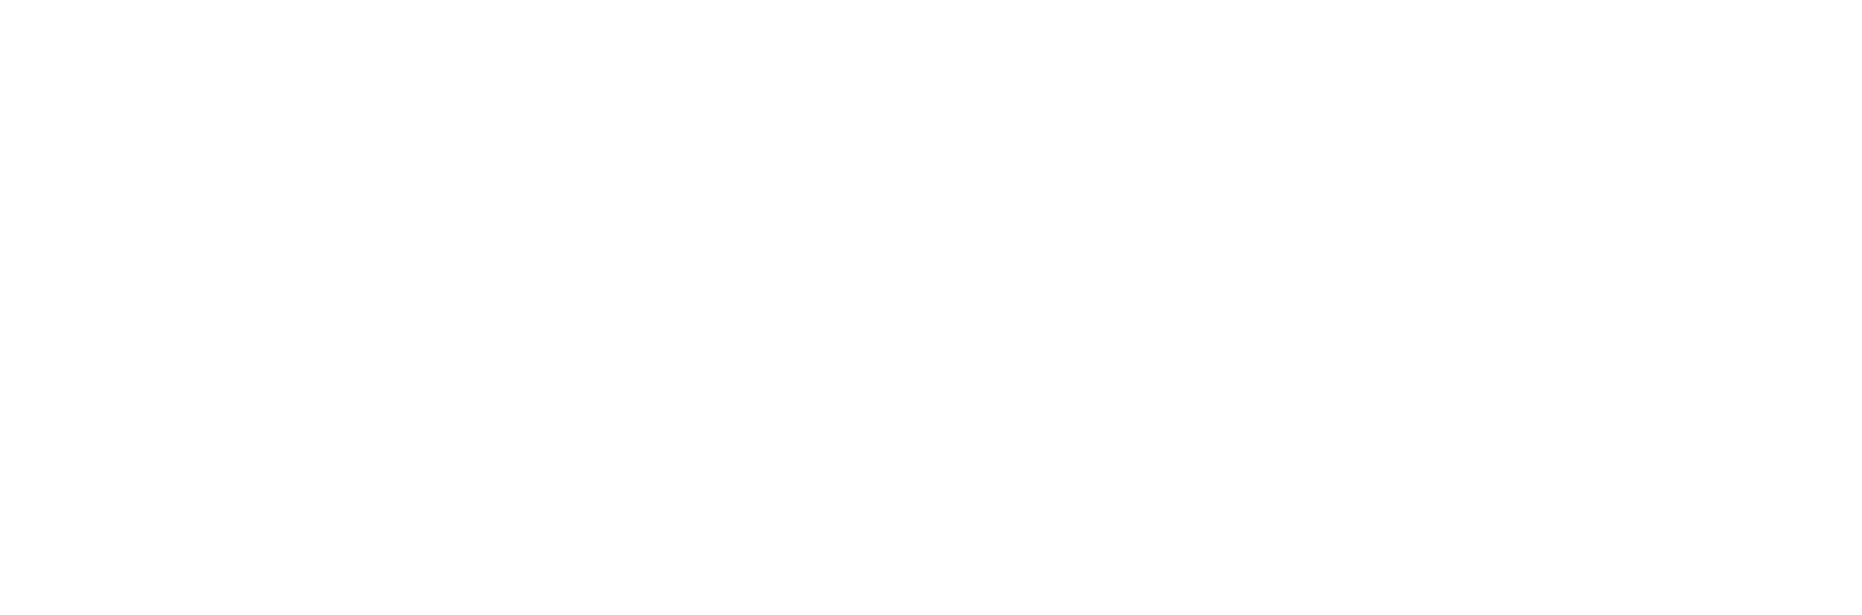 Woodfibre LNG